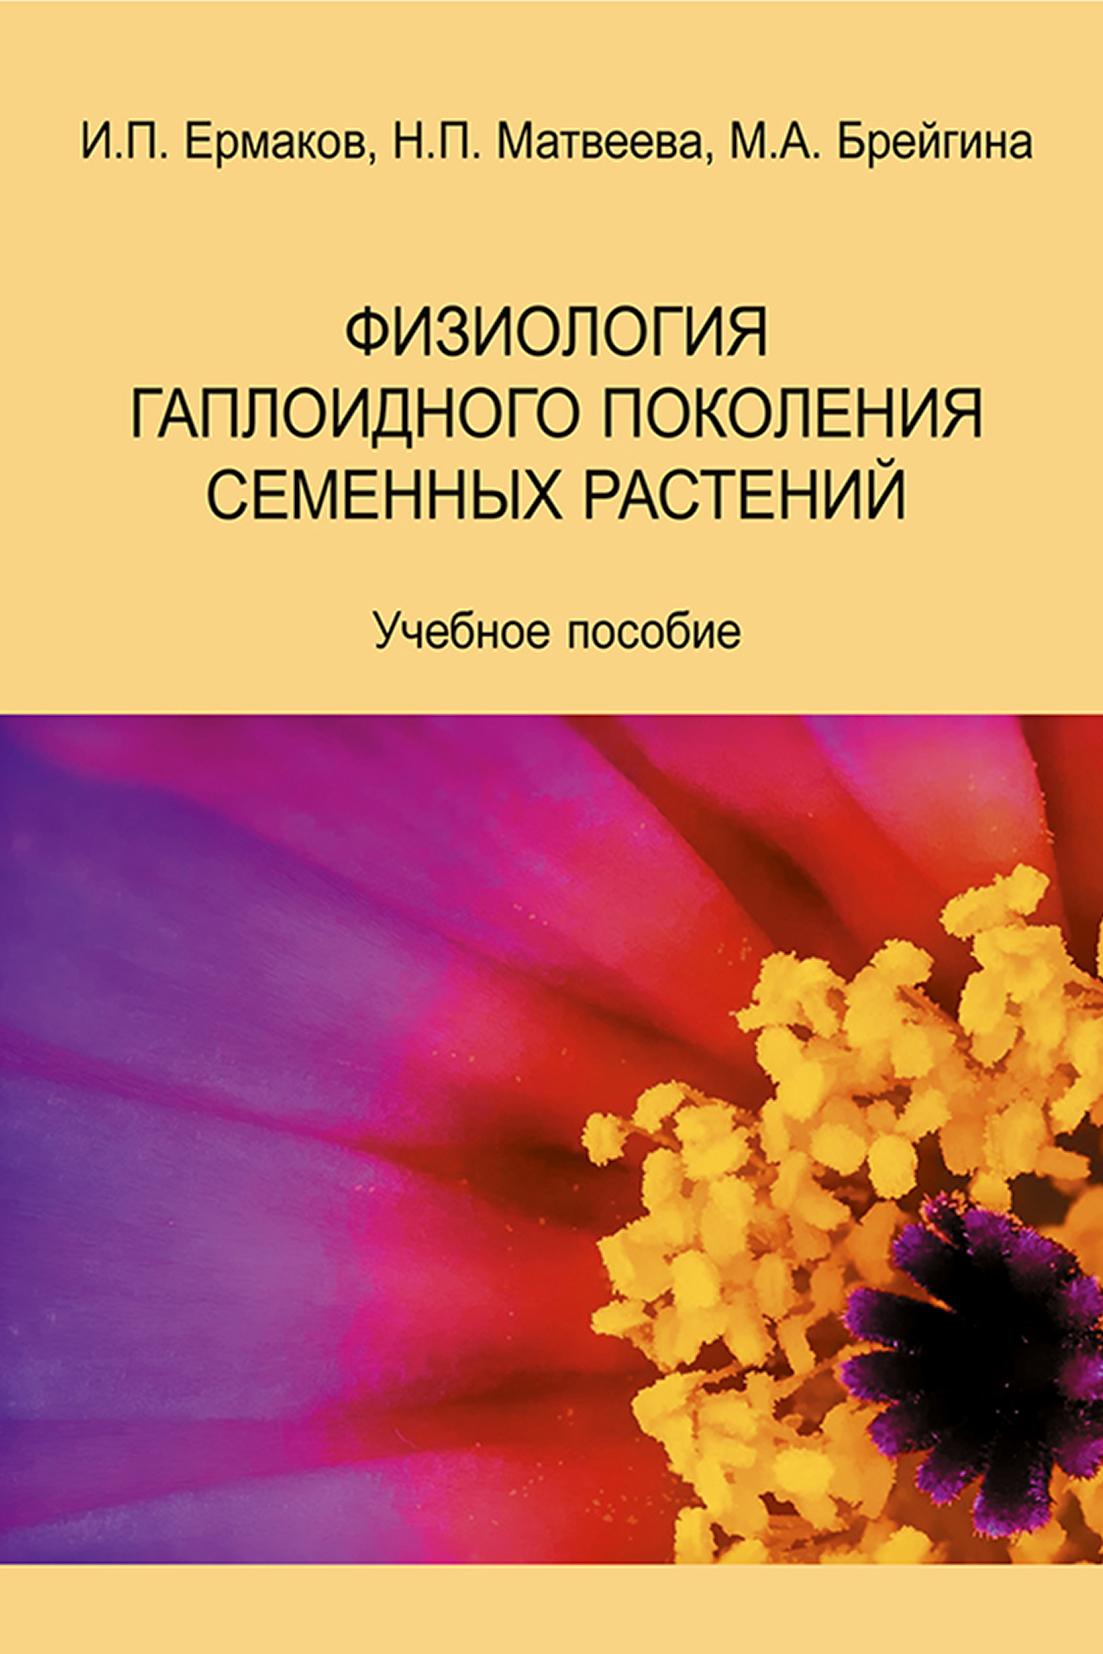 М. А. Брейгина Физиология гаплоидного поколения семенных растений. Учебное пособие поло trussardi jeans поло page 4